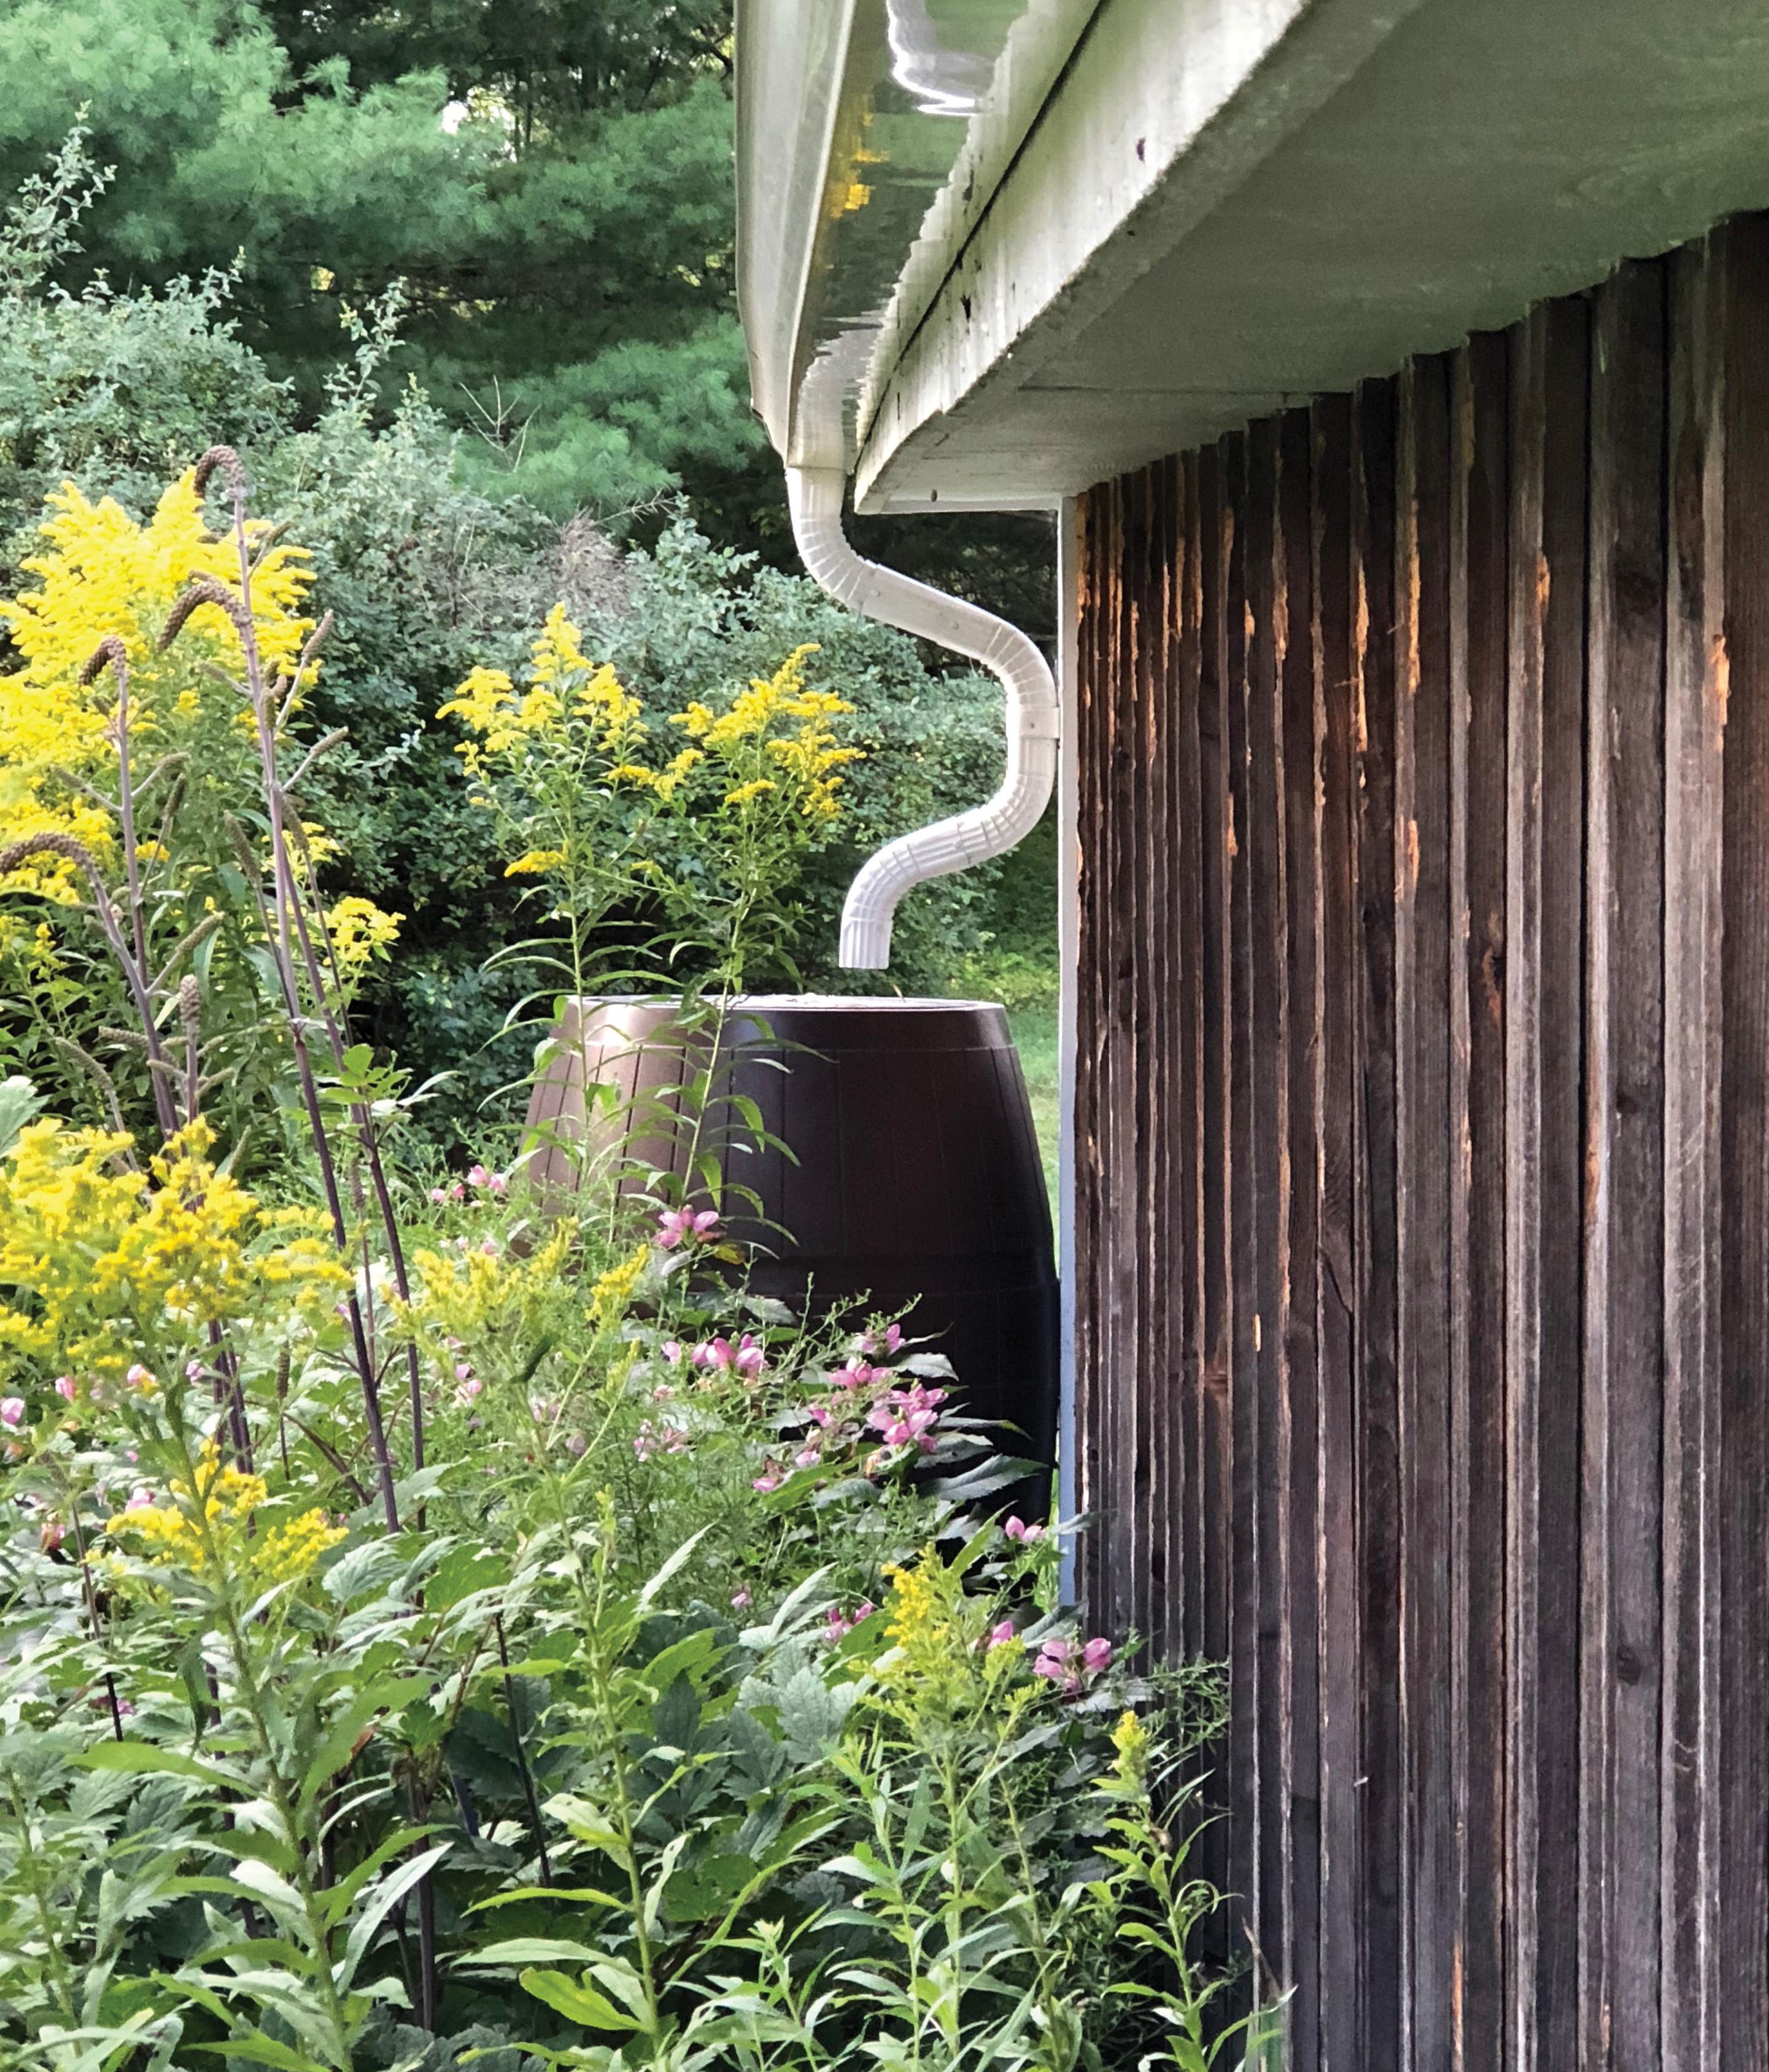 rain barrel rain gutter garden rain prep